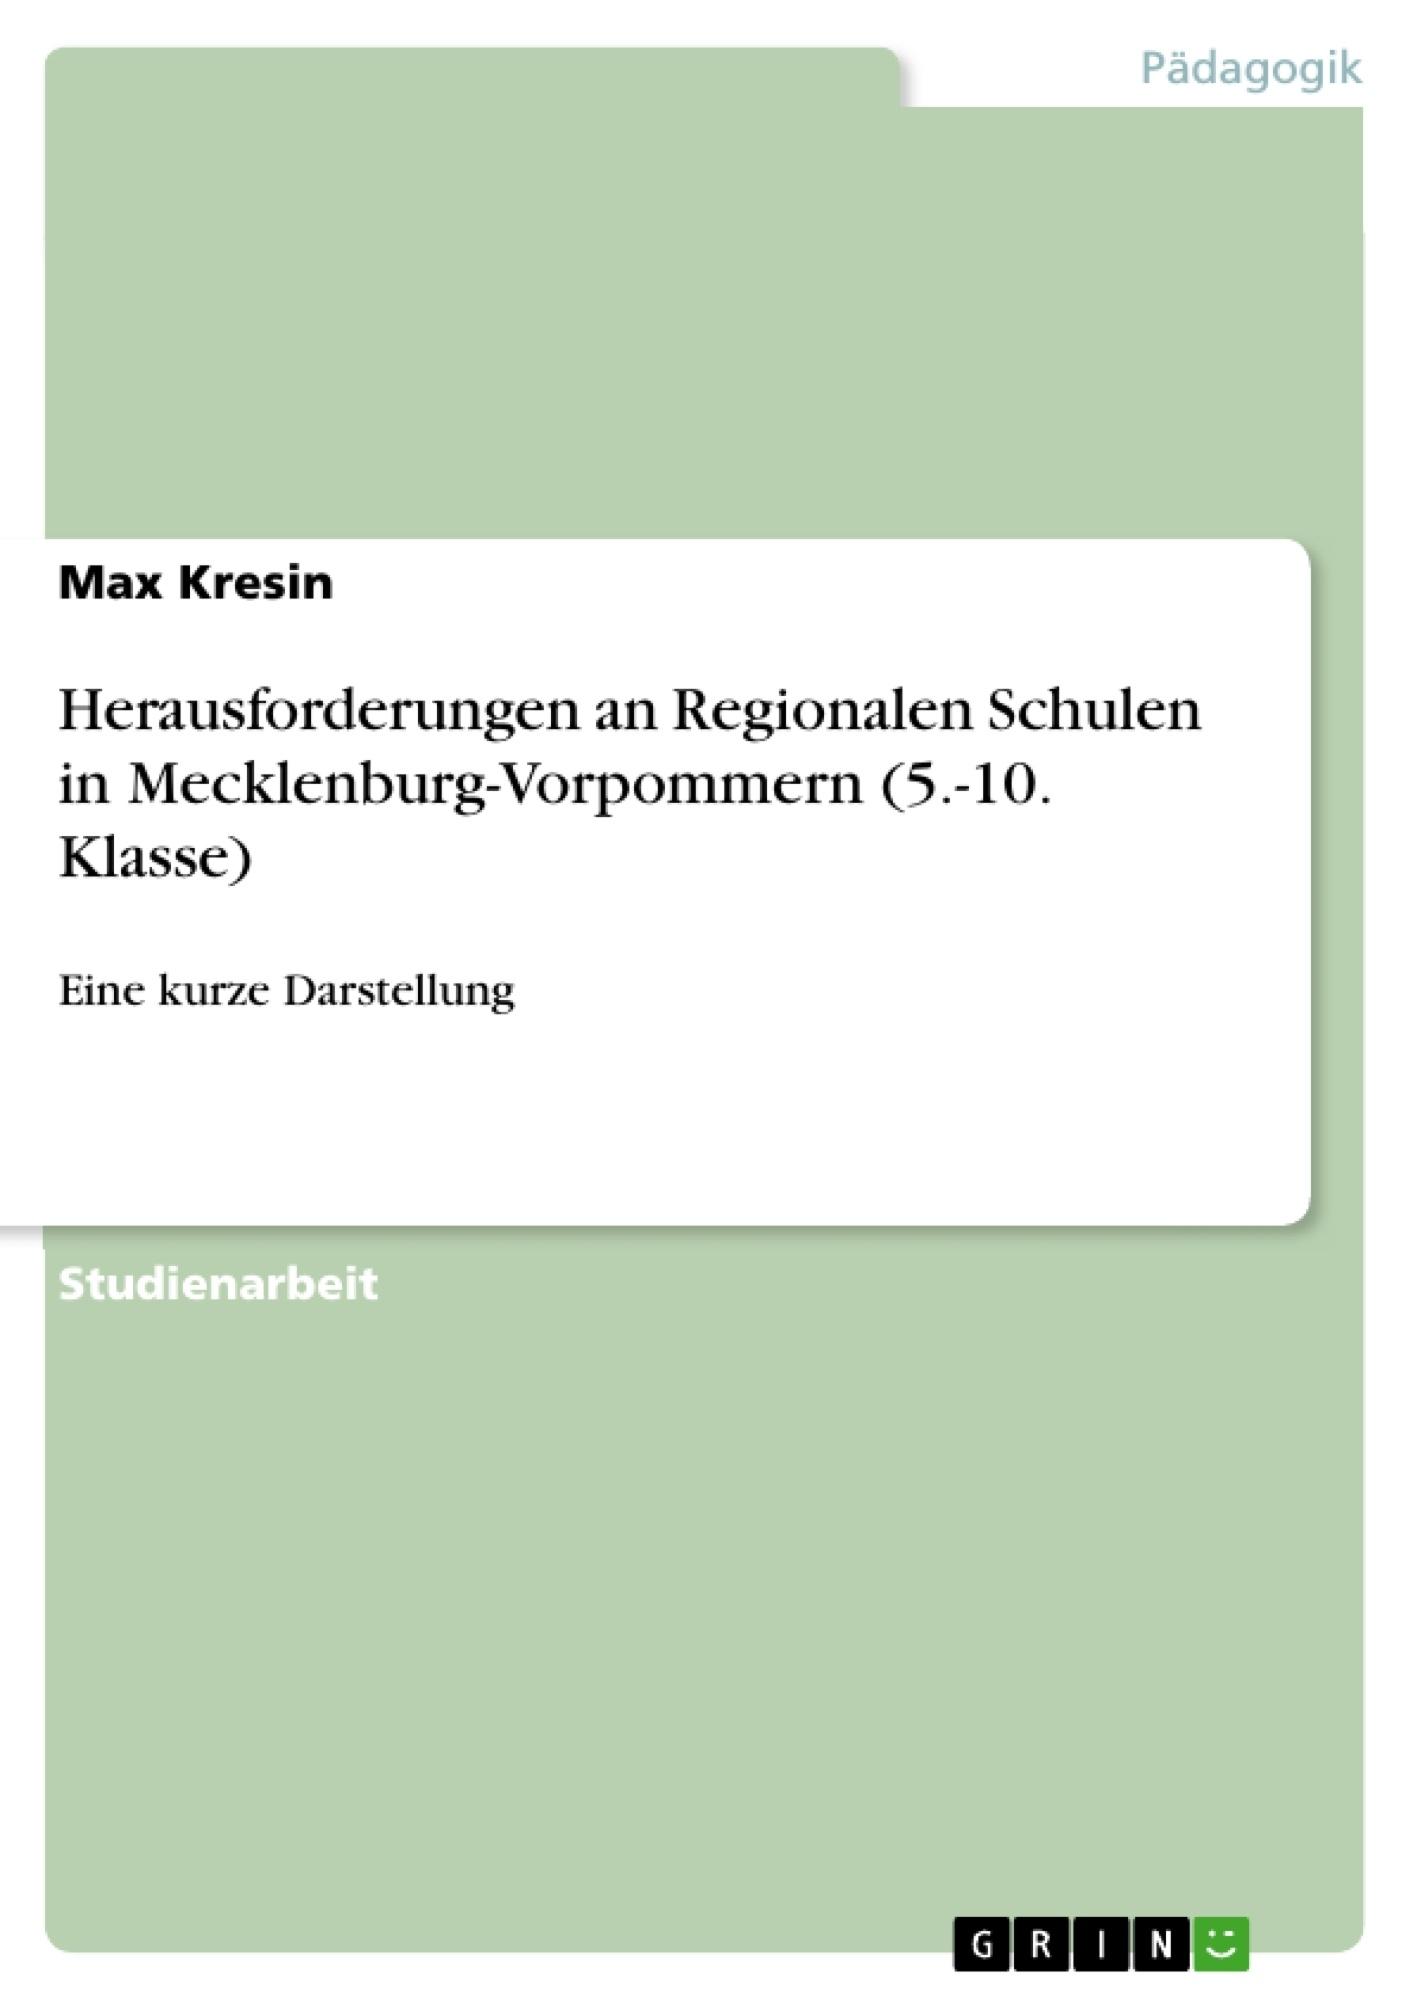 Titel: Herausforderungen an Regionalen Schulen in Mecklenburg-Vorpommern (5.-10. Klasse)